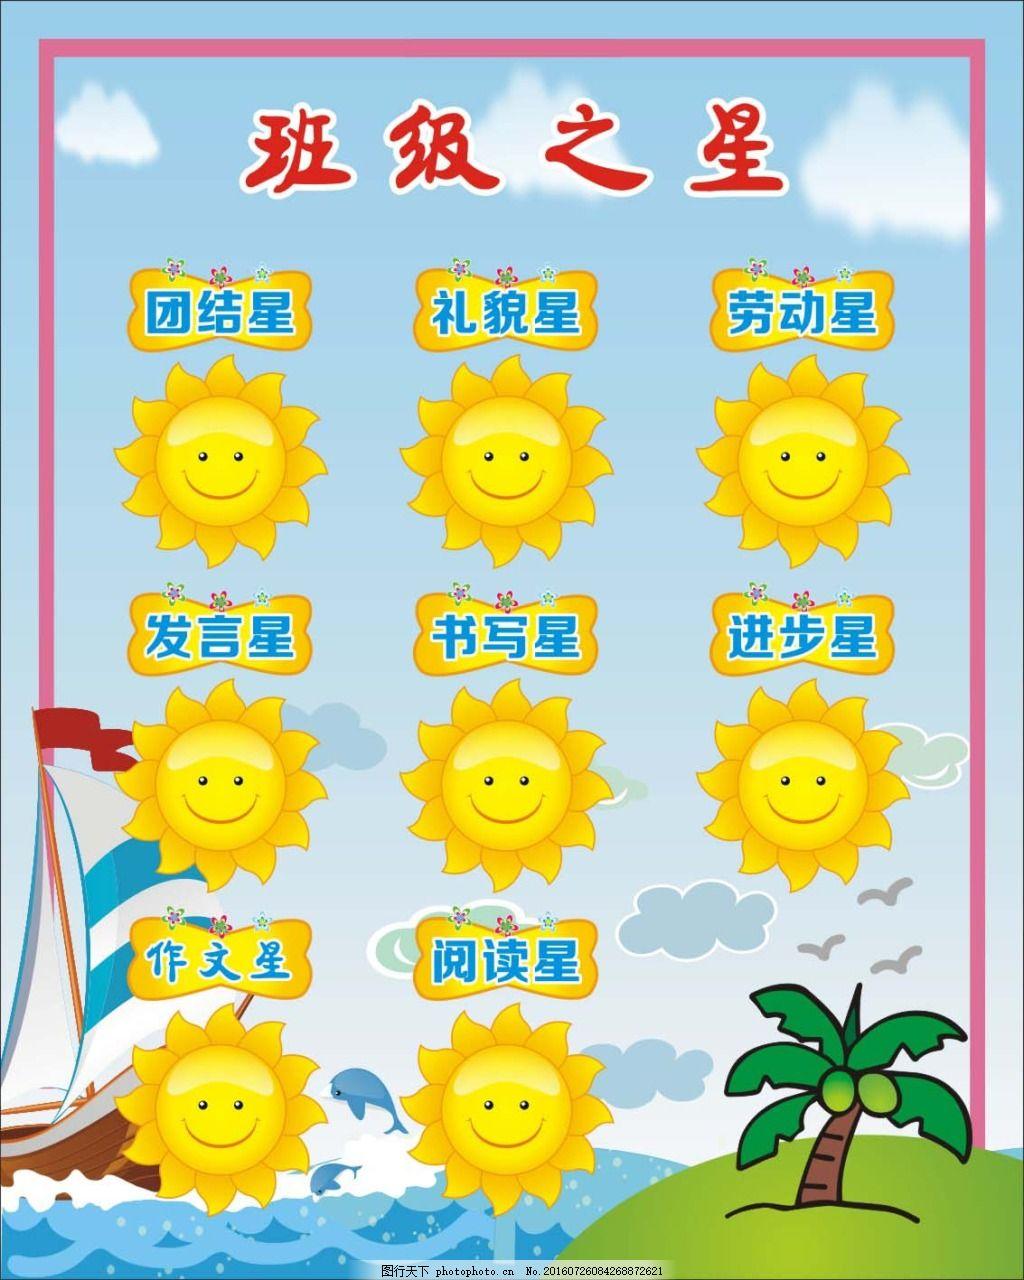 班级之星 班级文化 笑脸向日葵太阳 鸟 蓝天白云 椰子树 大海 帆船